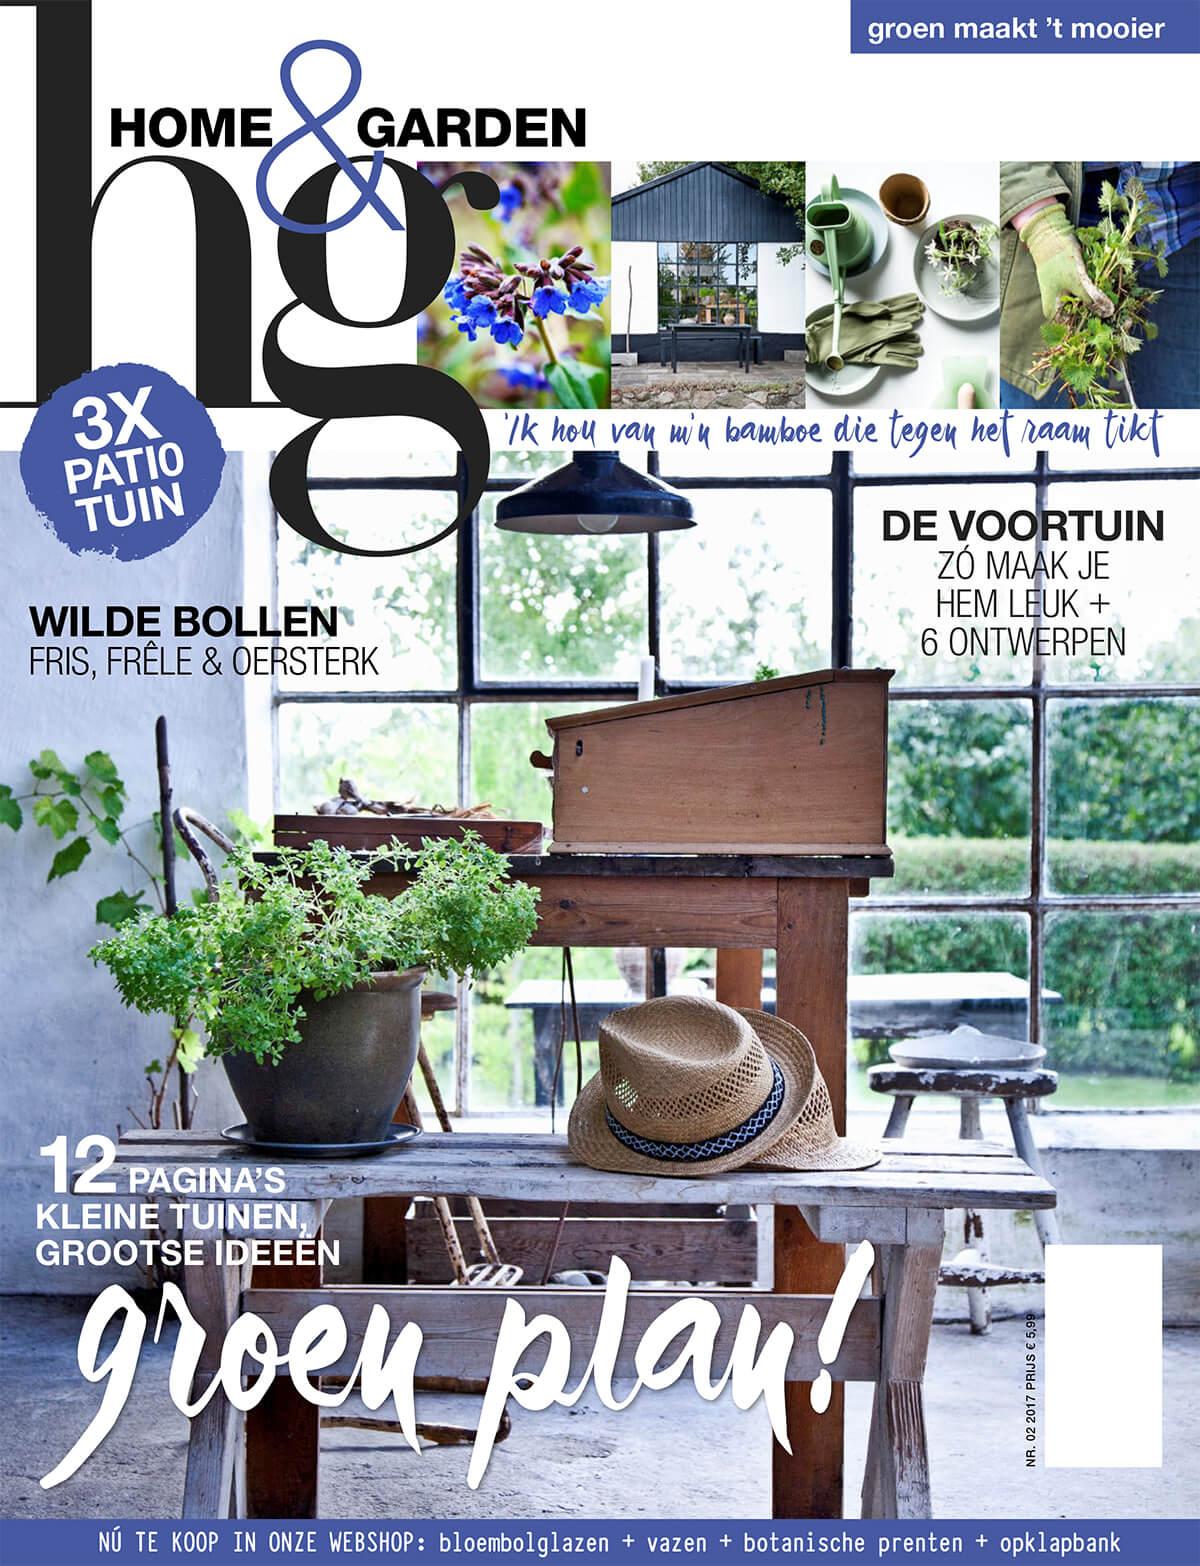 home garden editie 2 maart 2017. Black Bedroom Furniture Sets. Home Design Ideas